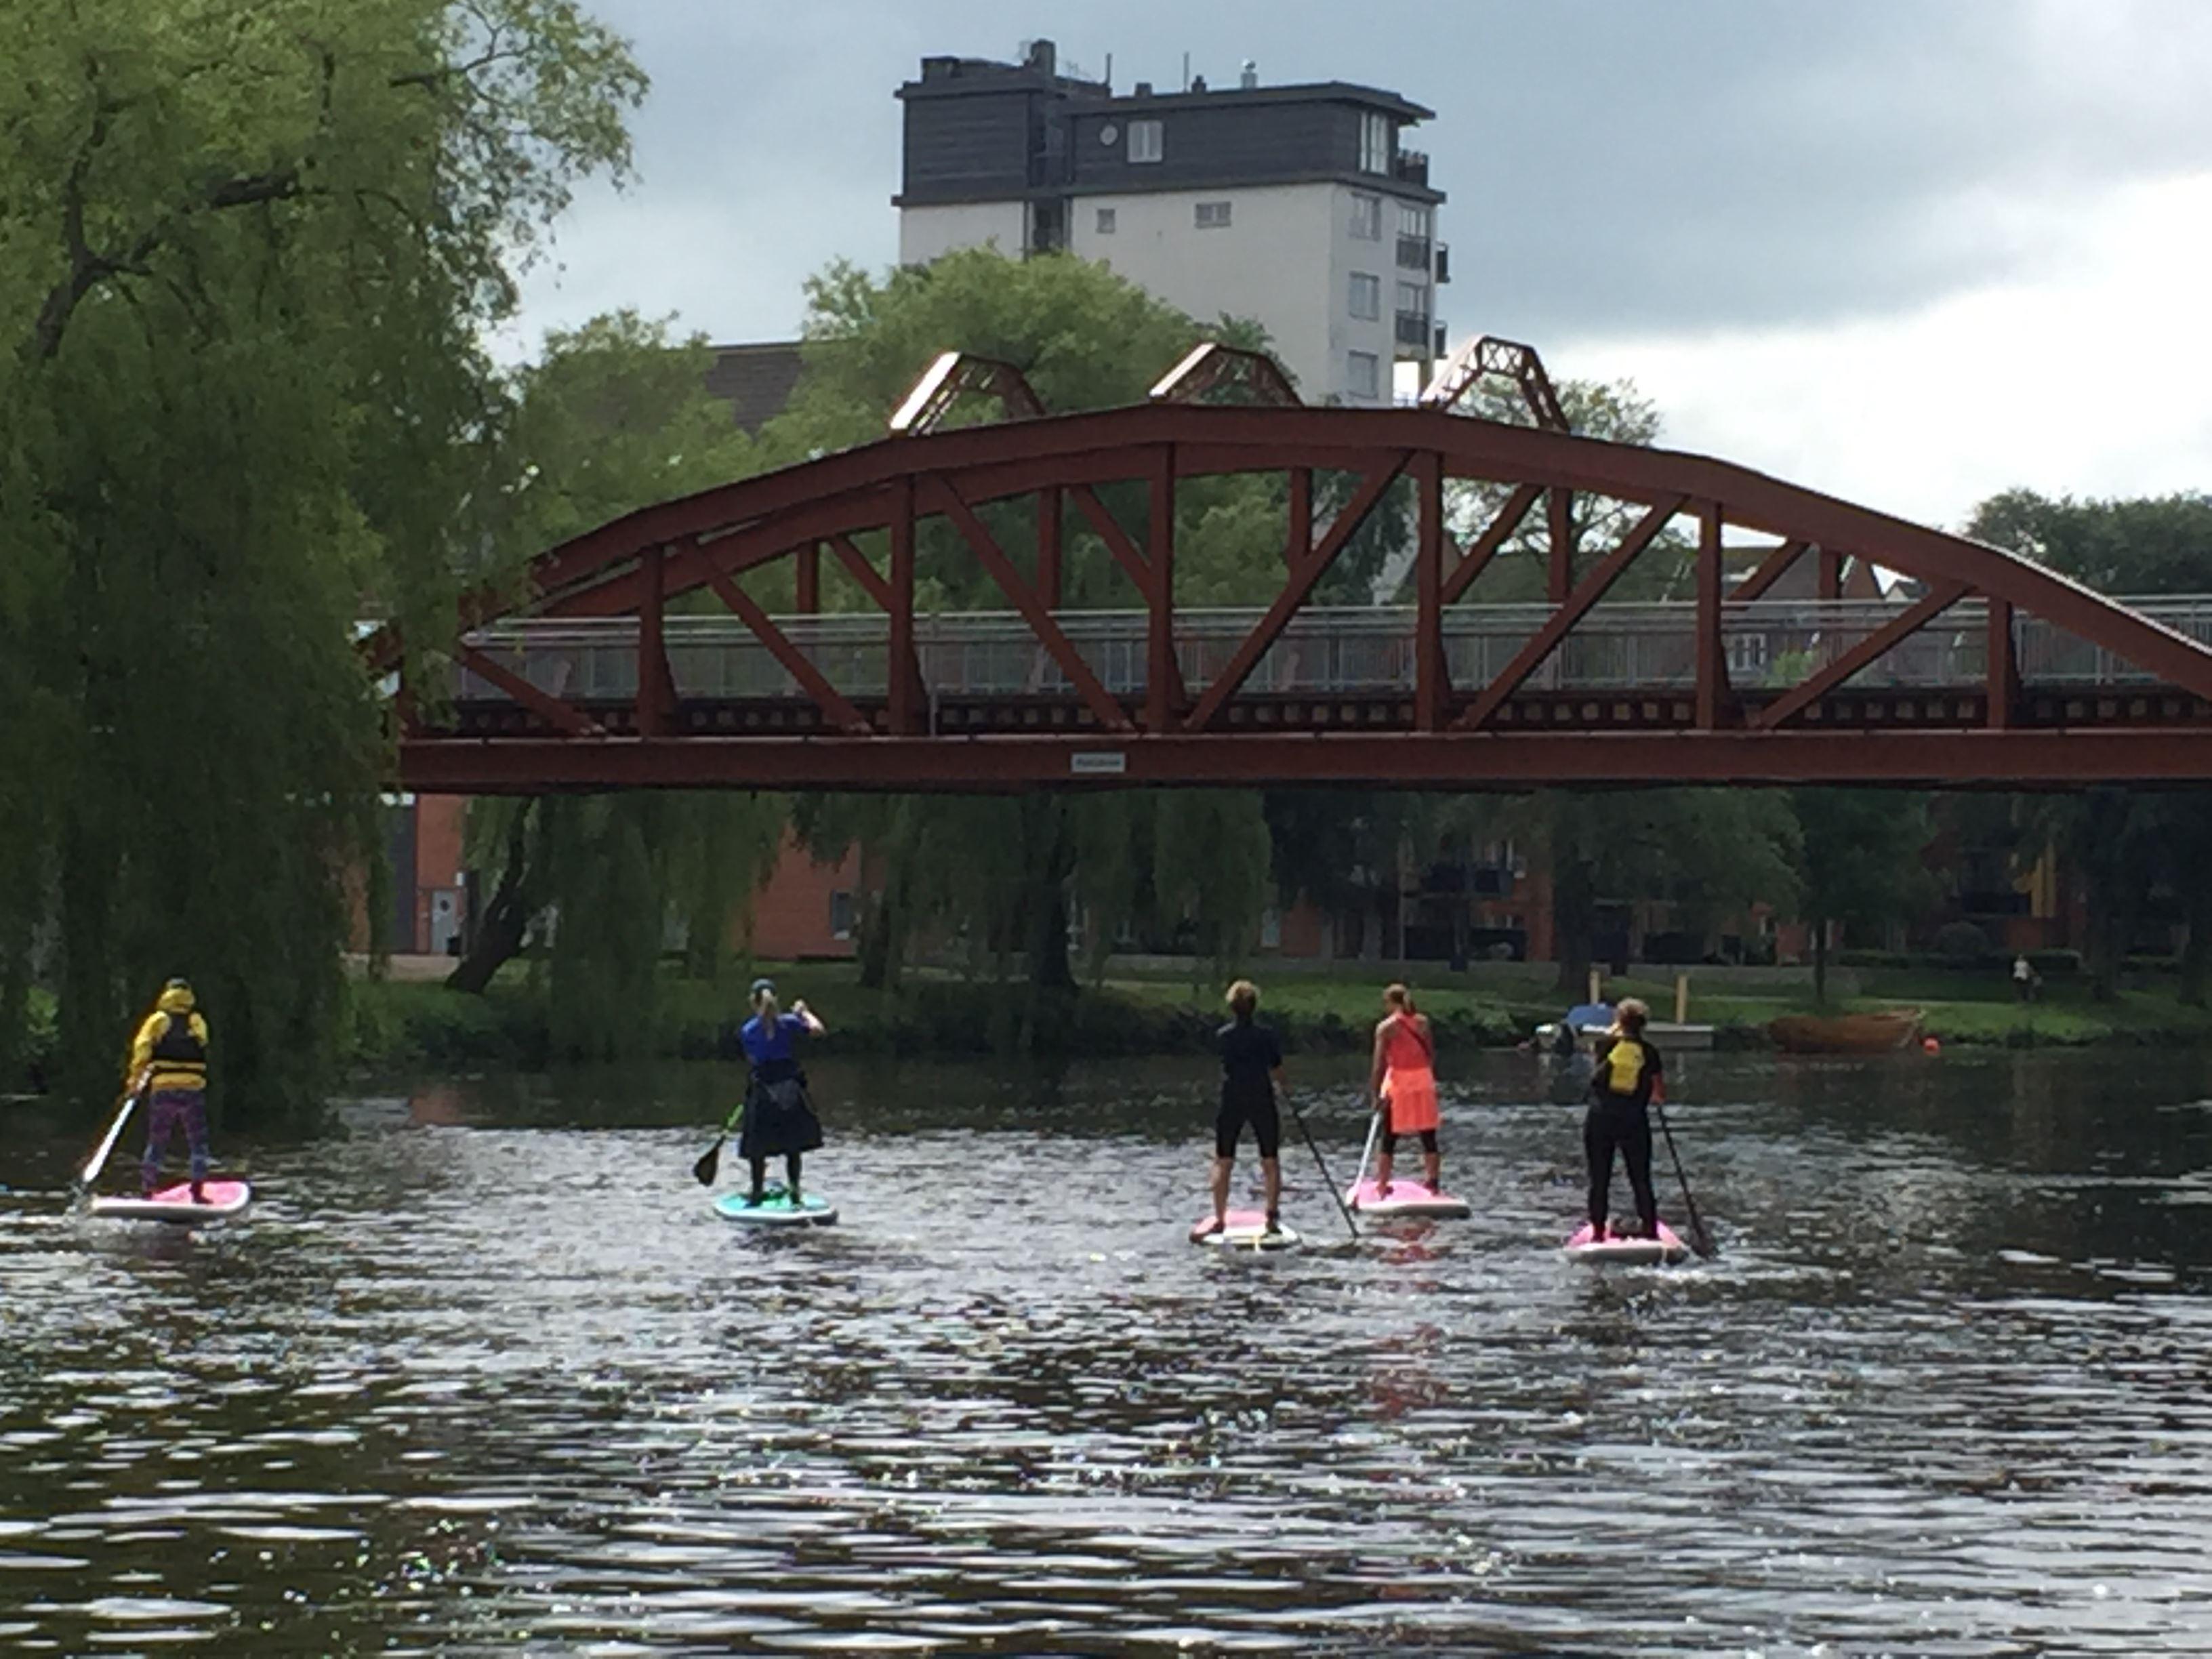 © Katrin Malwitz, SUP- Yoga, instruktörsledd SUP-paddling i grupp och event